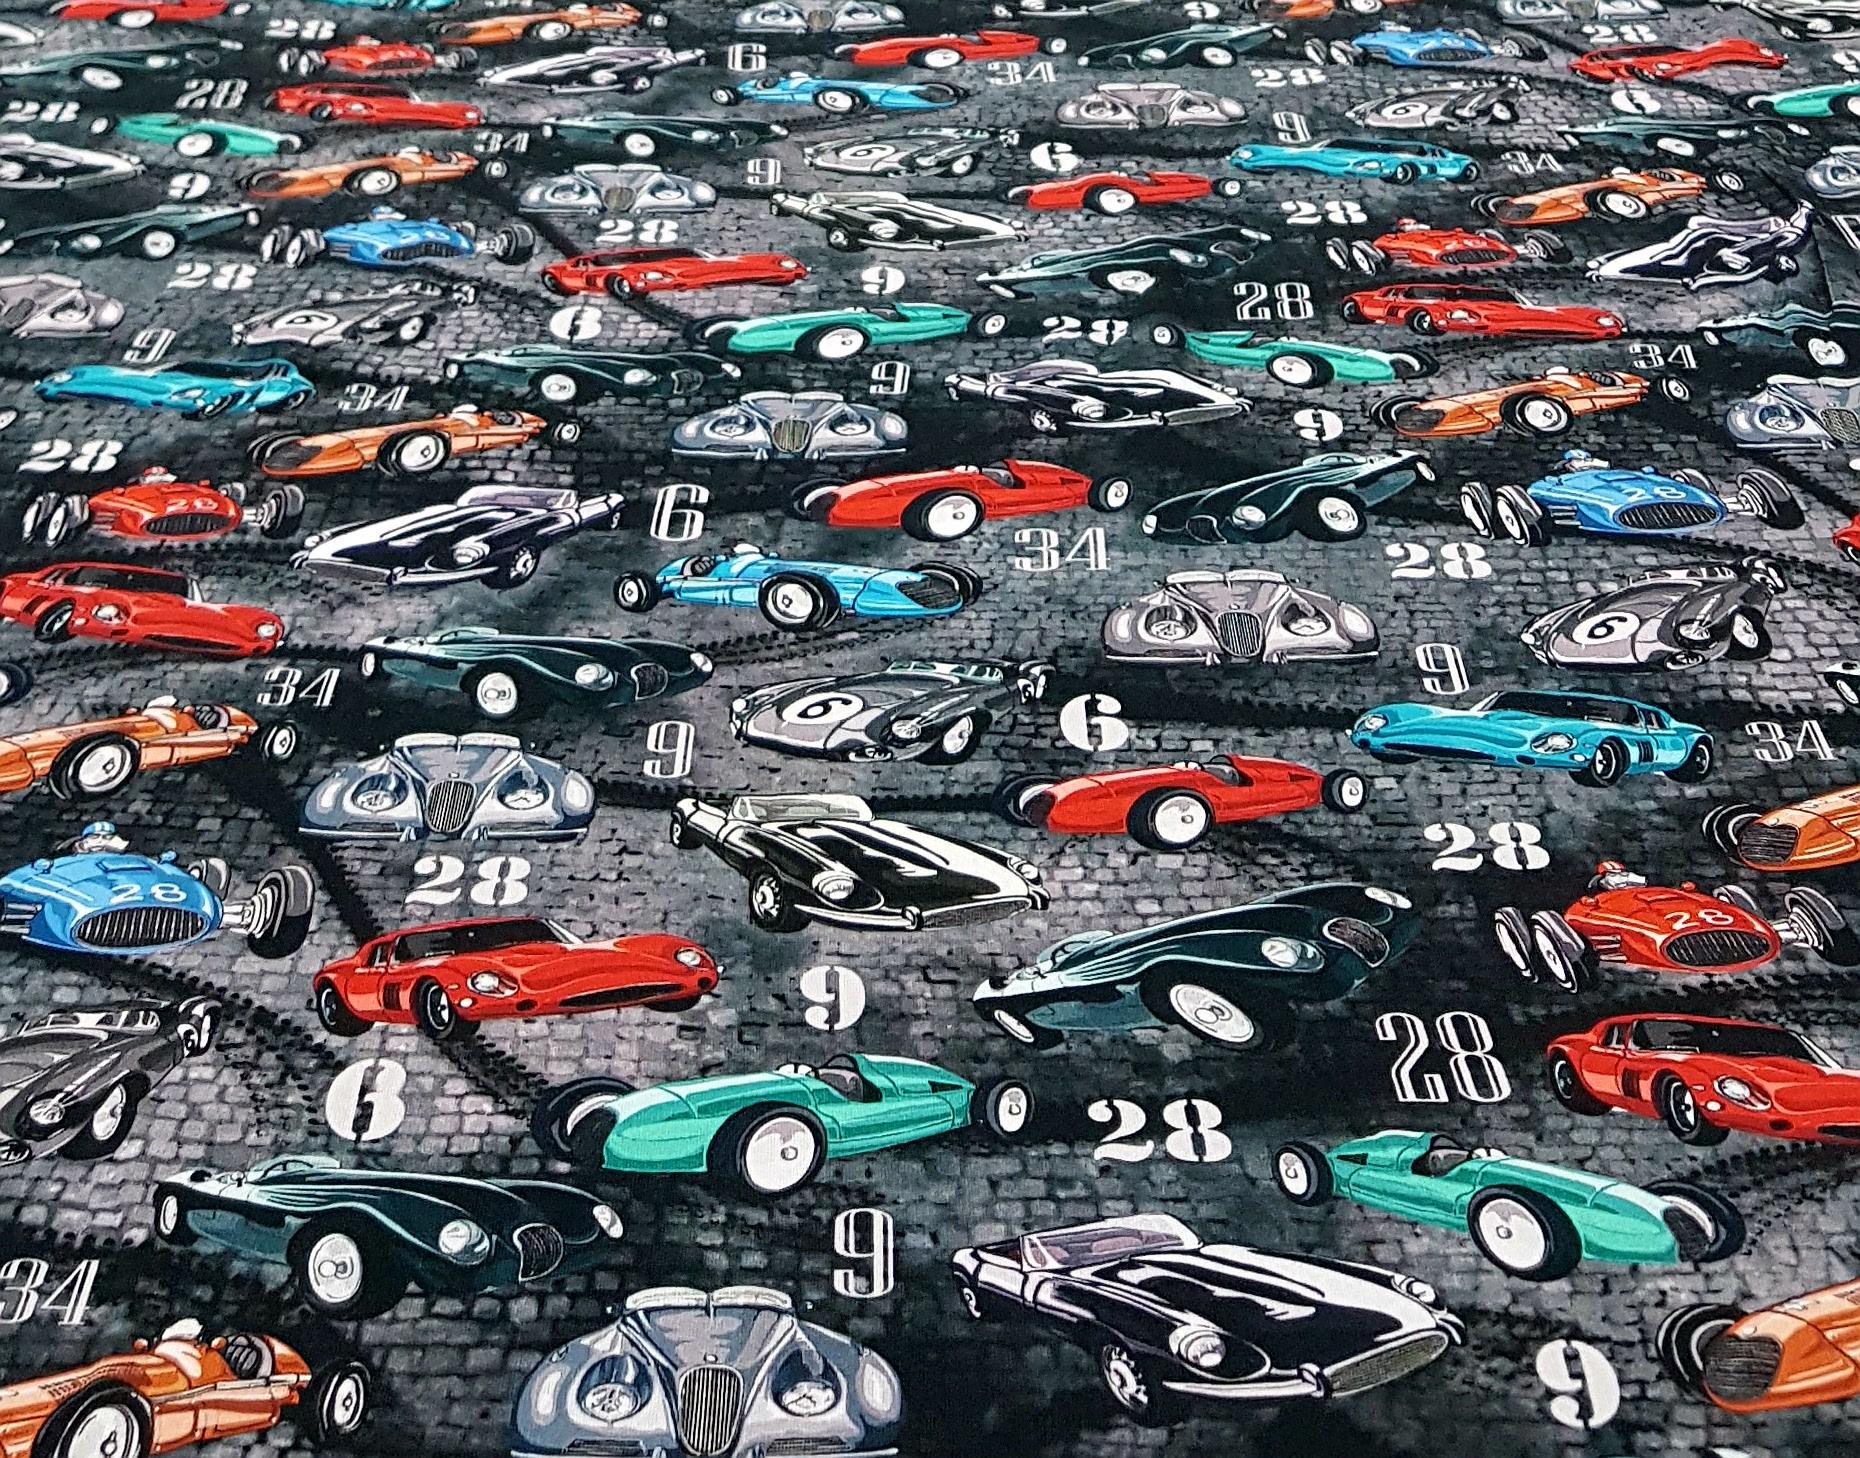 digitaletricotgekleurdeautosroodturquoise